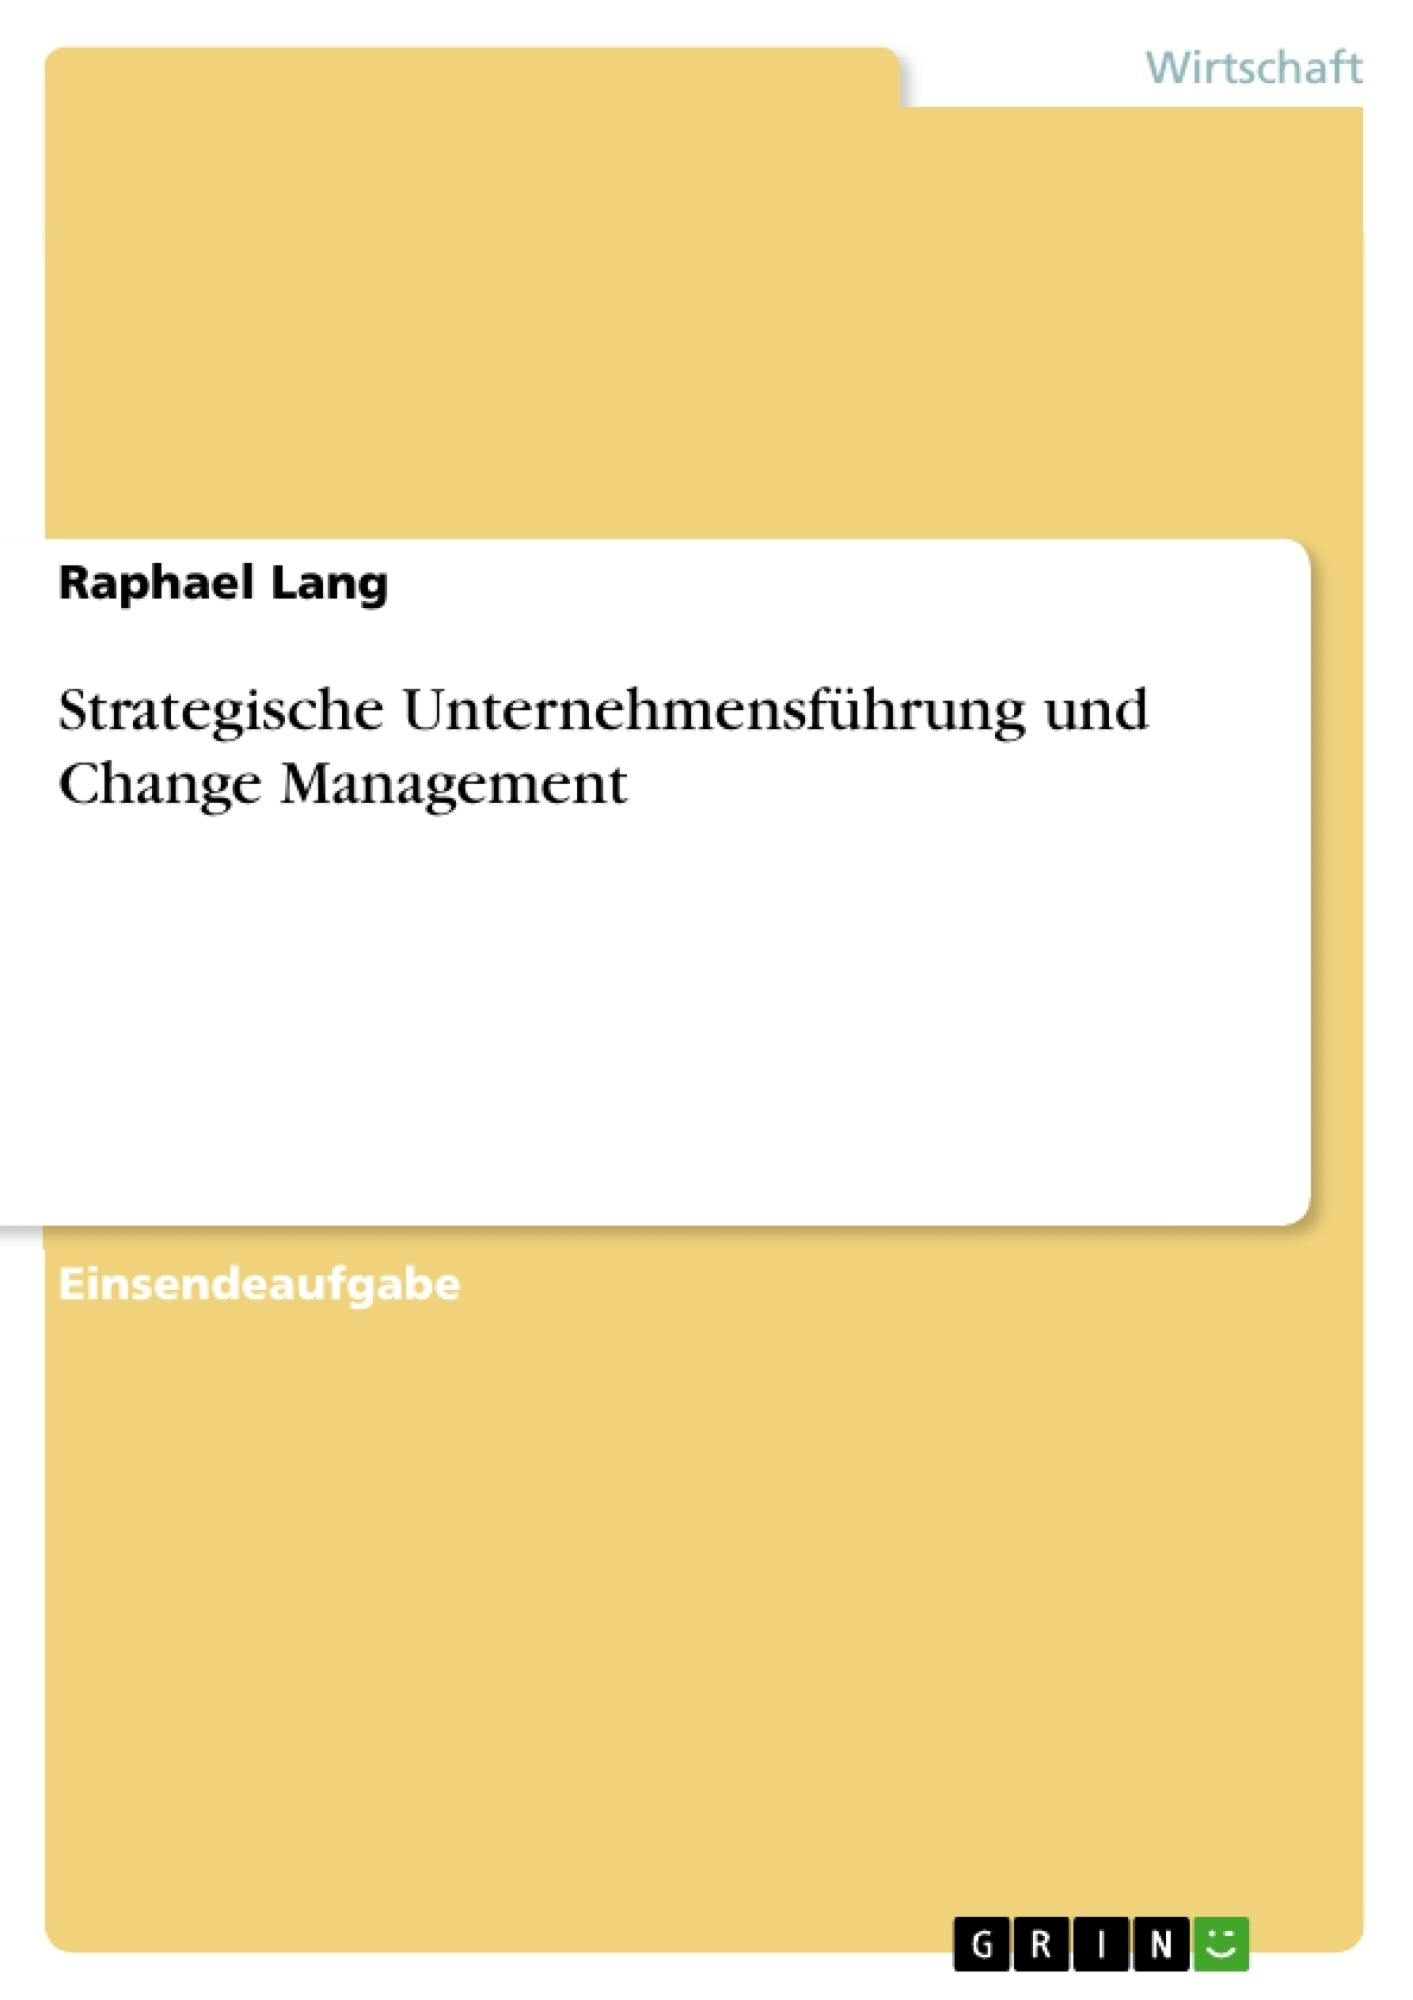 Titel: Strategische Unternehmensführung und Change Management